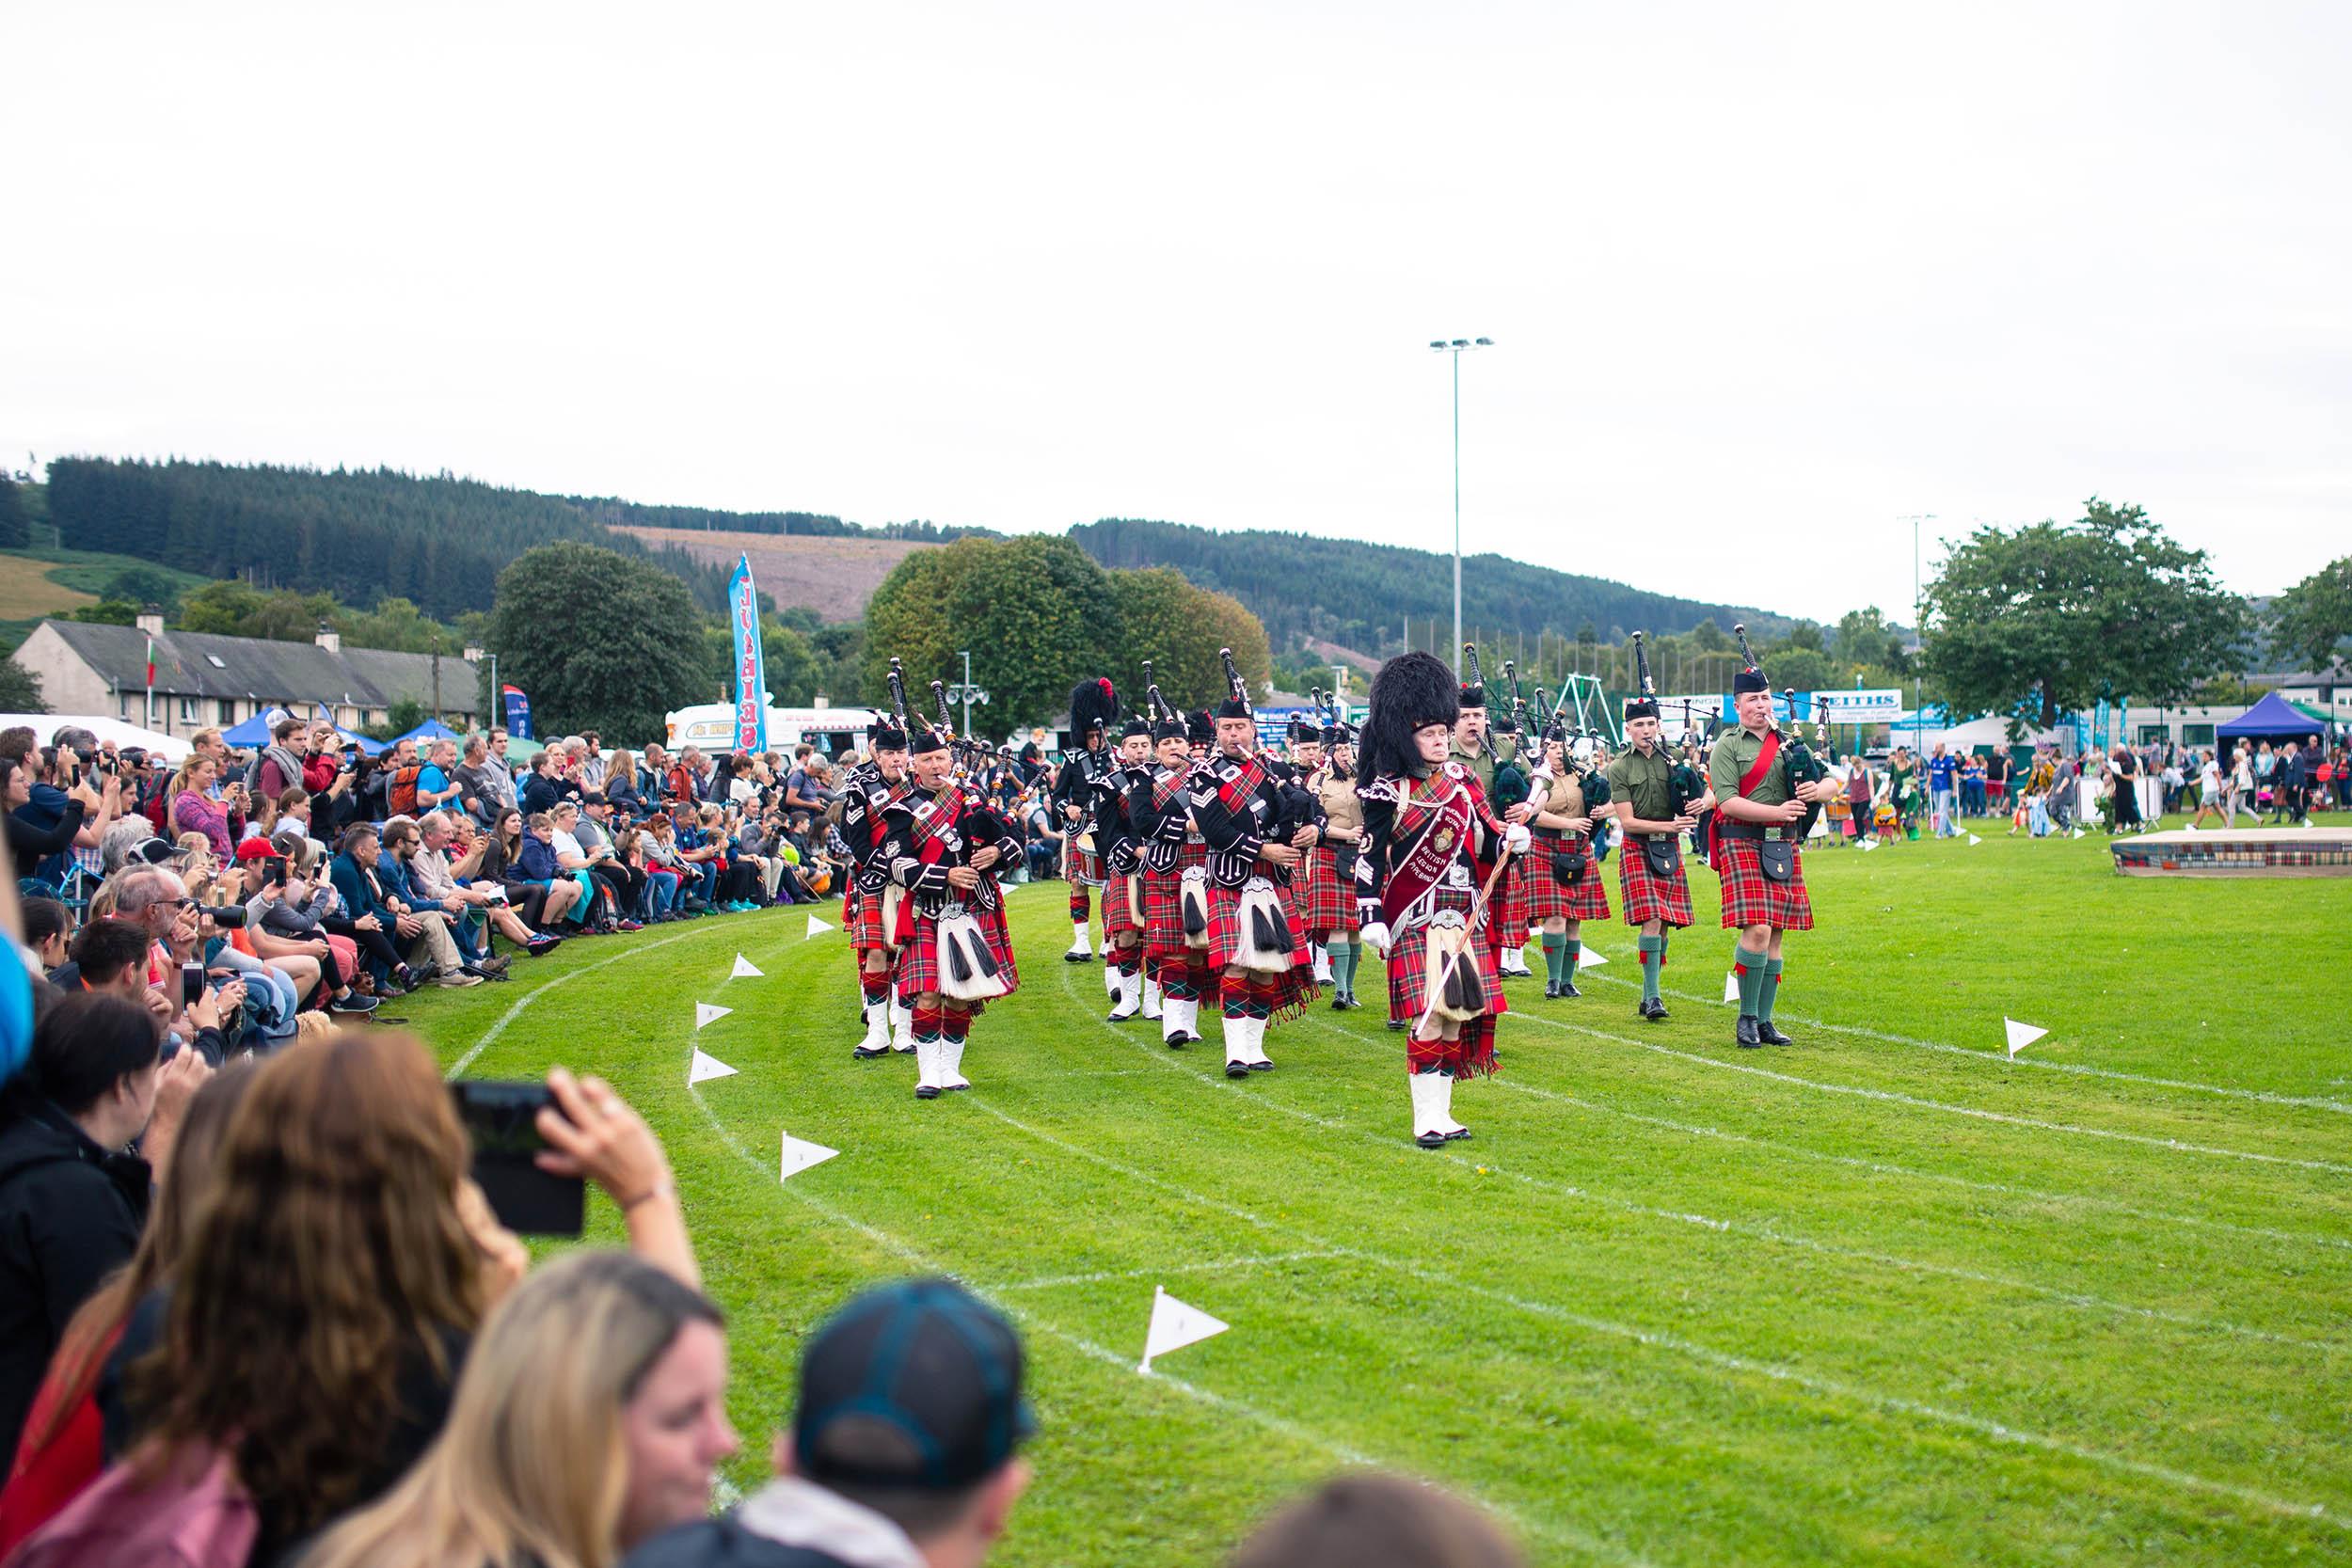 SCOTLAND_LOCHNESS_HIGHLANDGAMES_0004